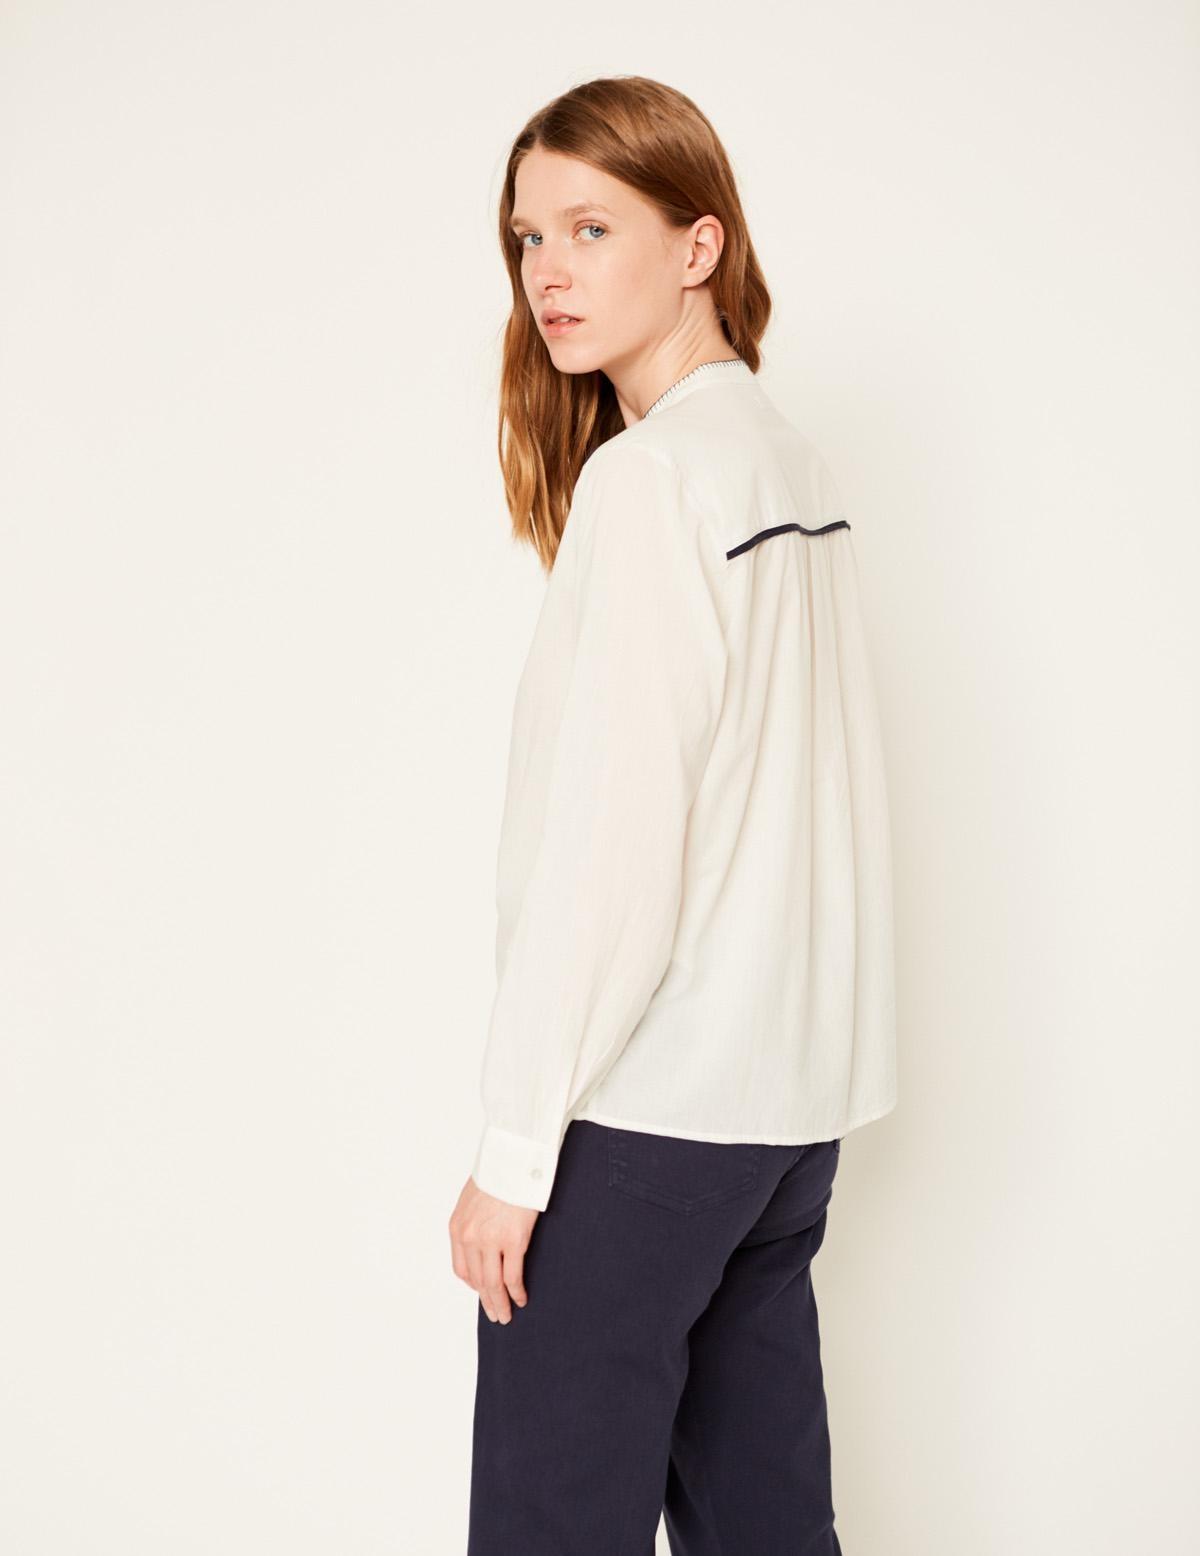 Camisa pespunte contraste - Ítem2